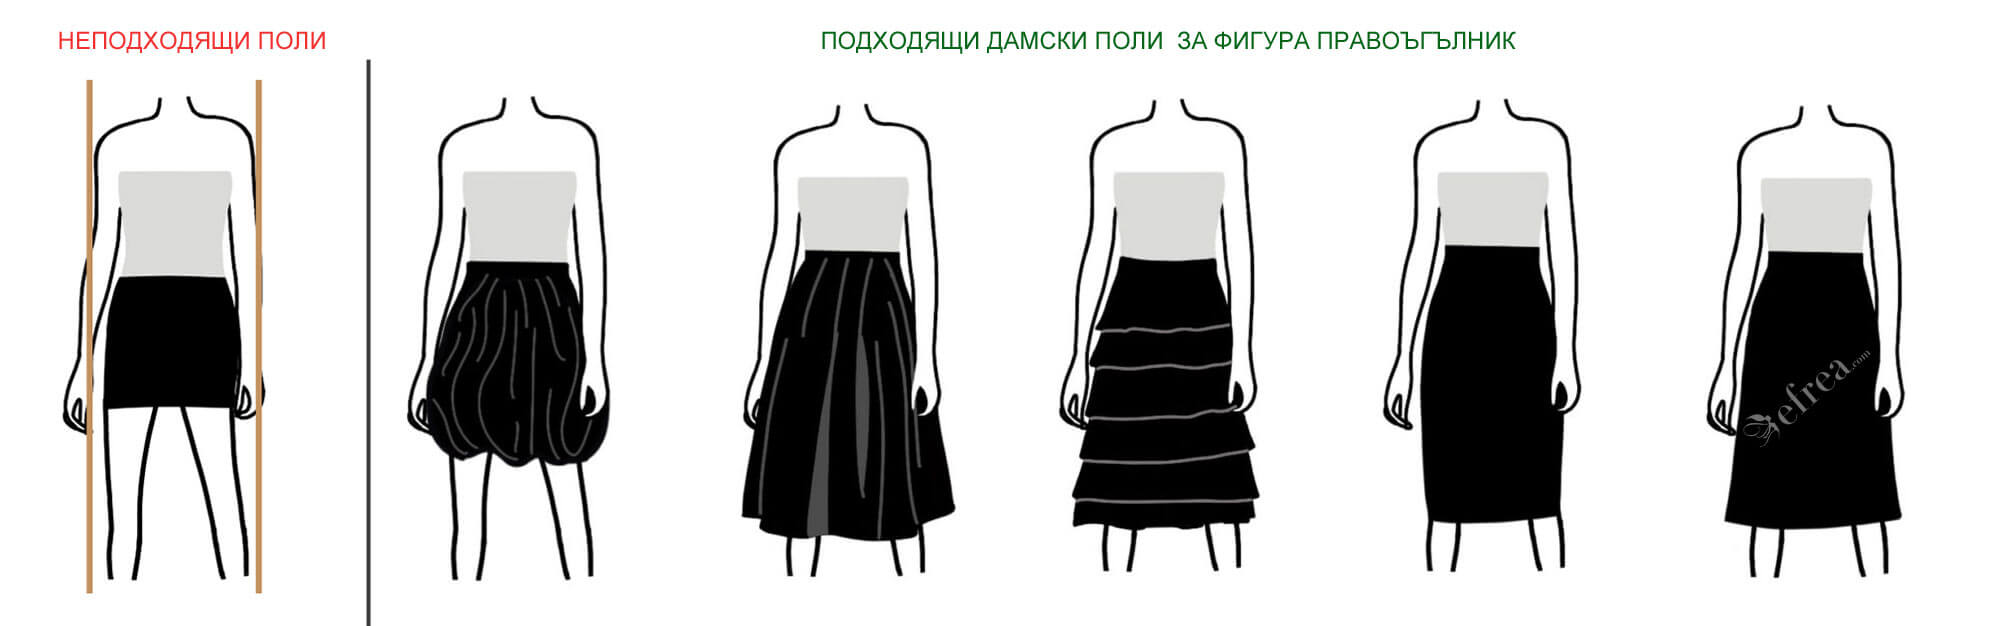 Различни видове дамски поли за дами с фигура тип правоъгълник